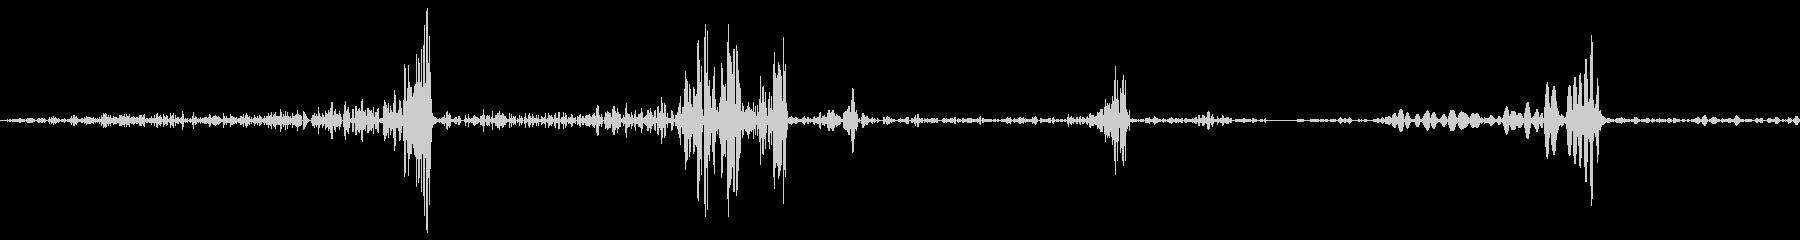 ページめくり音の未再生の波形